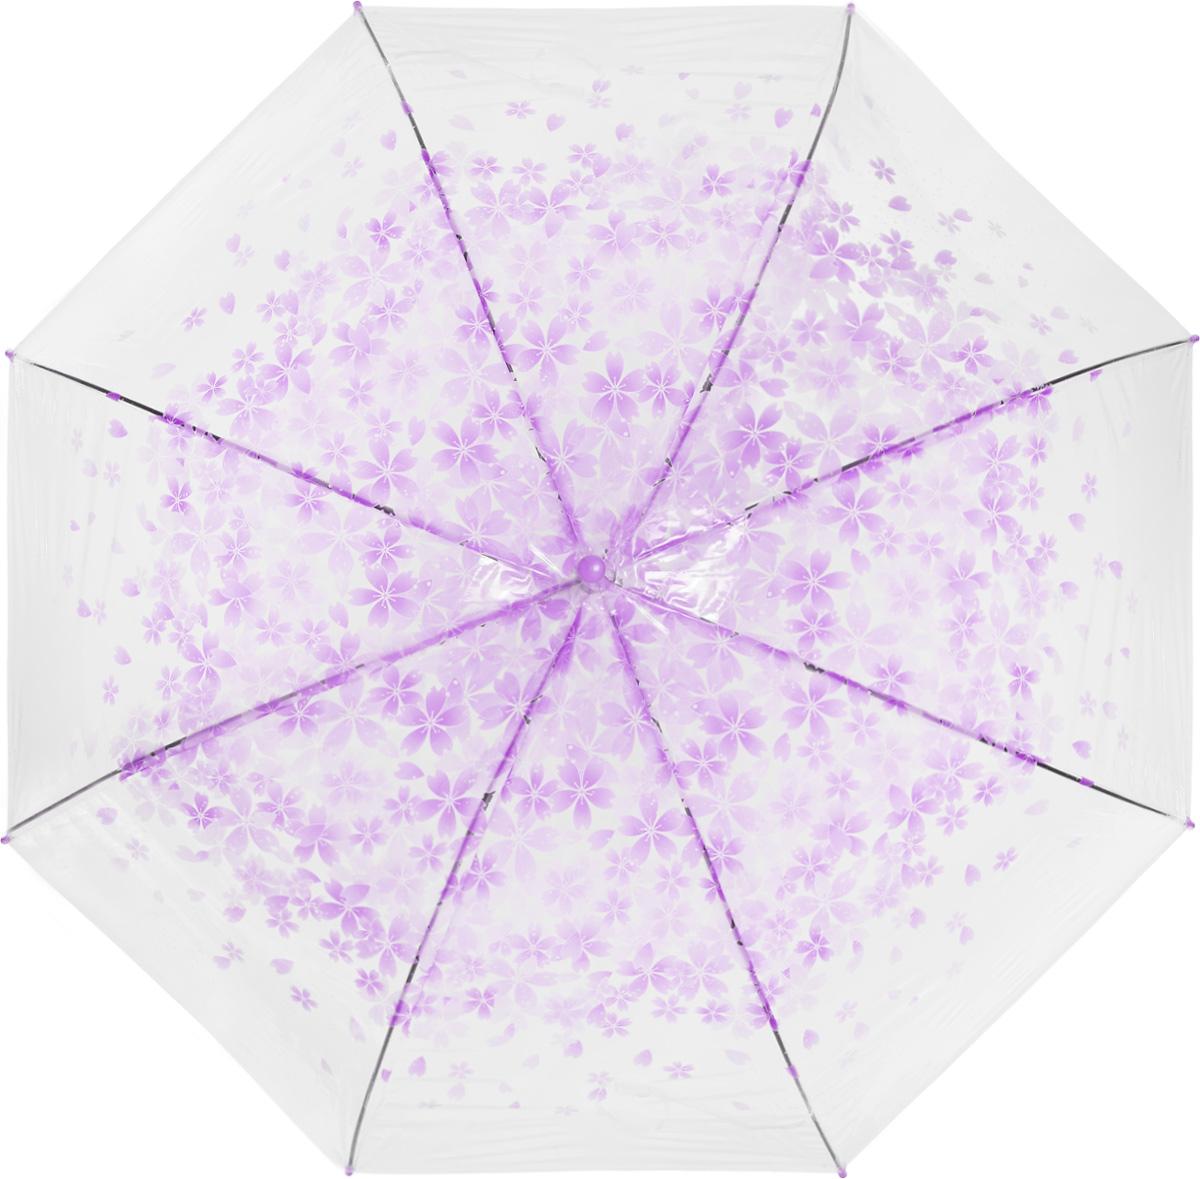 Зонт женский Эврика, цвет: прозрачный, розовый. 9750797507Зонт-трость Эврика выполнен из прозрачного полиэтилена и оформлен цветочным принтом. Благодаря своему изяществу и утонченности орнамента он способен украсить даже самый пасмурный день. Лёгкий, практичный зонт-полуавтомат послужит верным спутником дамы, желающей выглядеть стильно в любую погоду.